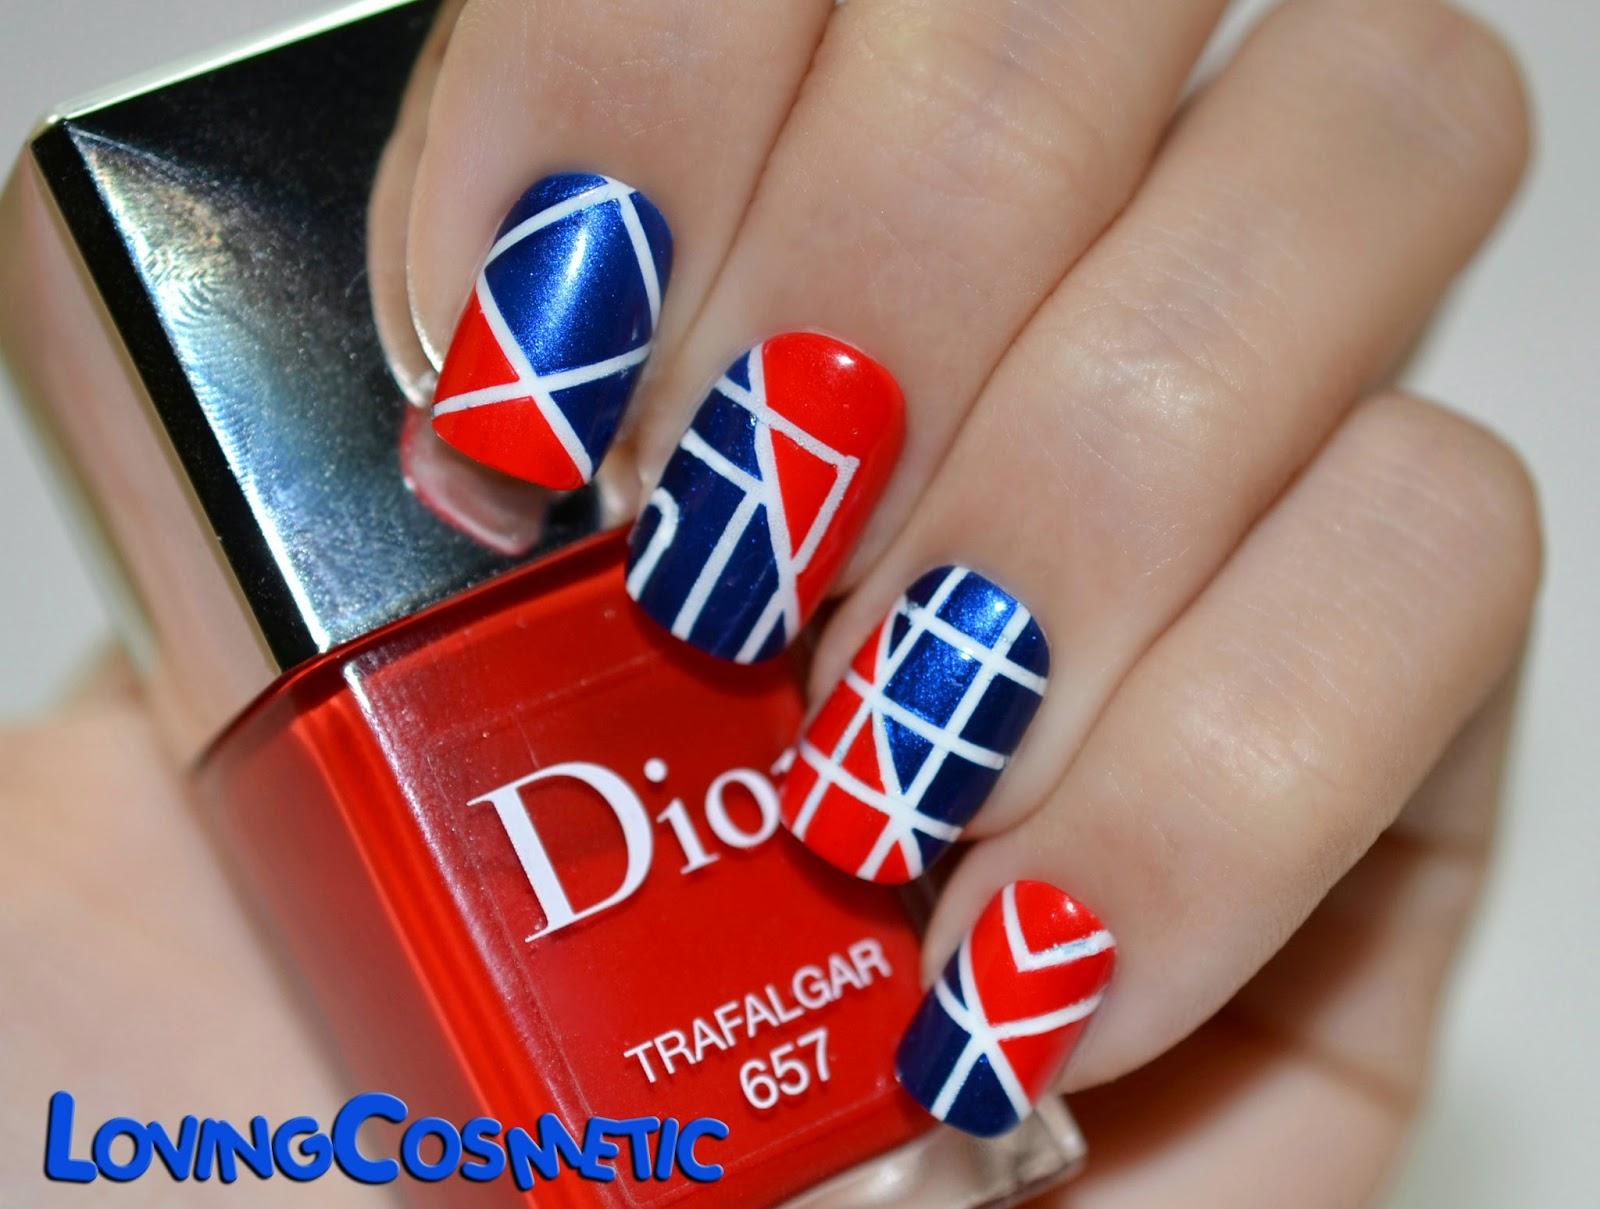 Nail nails nailart art uñas diseño uñas rayas nail tapes cintas rojo azul dior essence